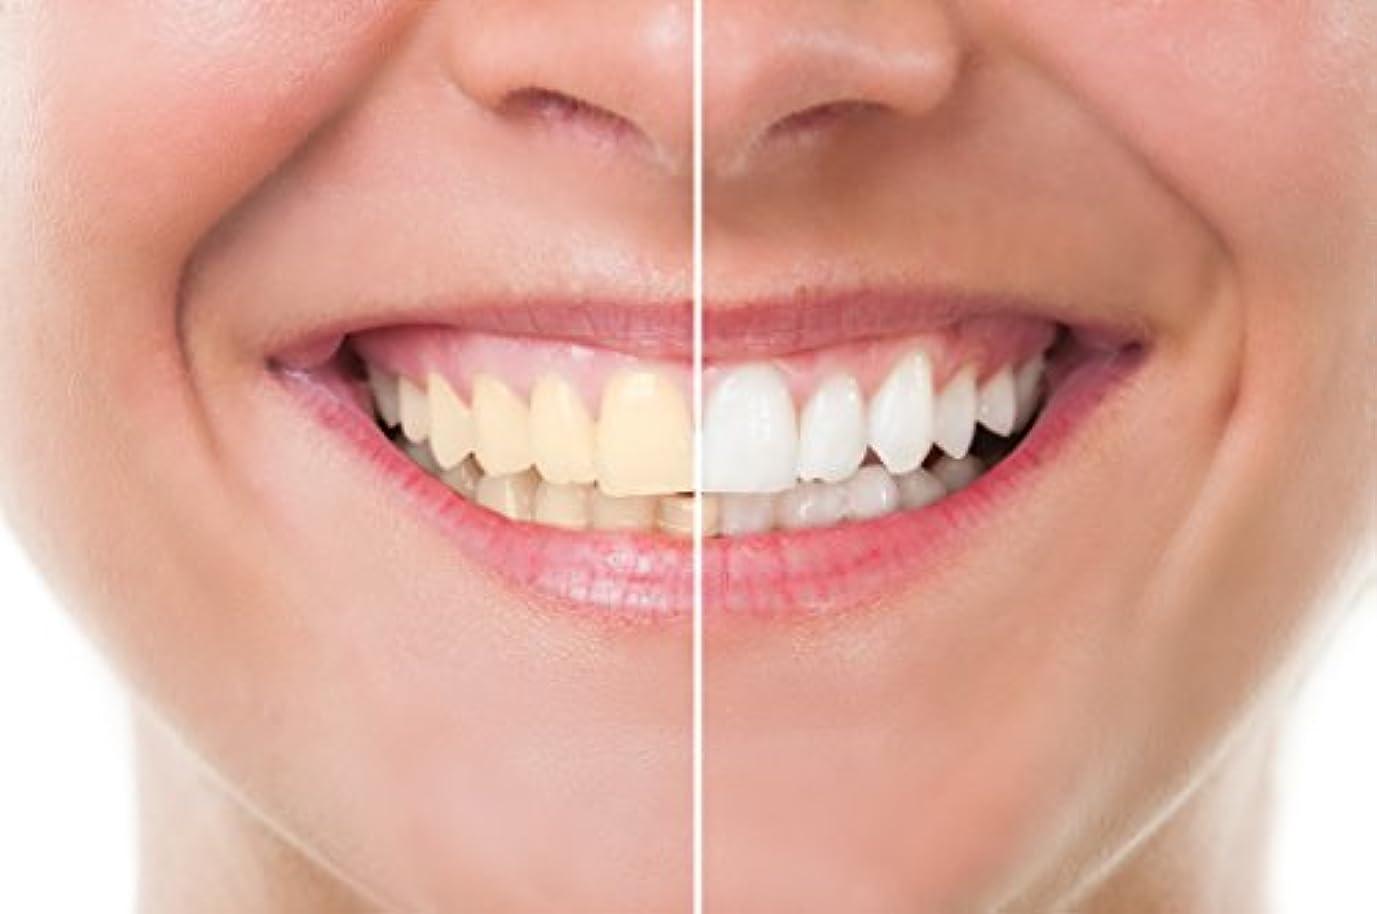 ボルト慎重に曲Teeth Whitening 歯のホワイトニング